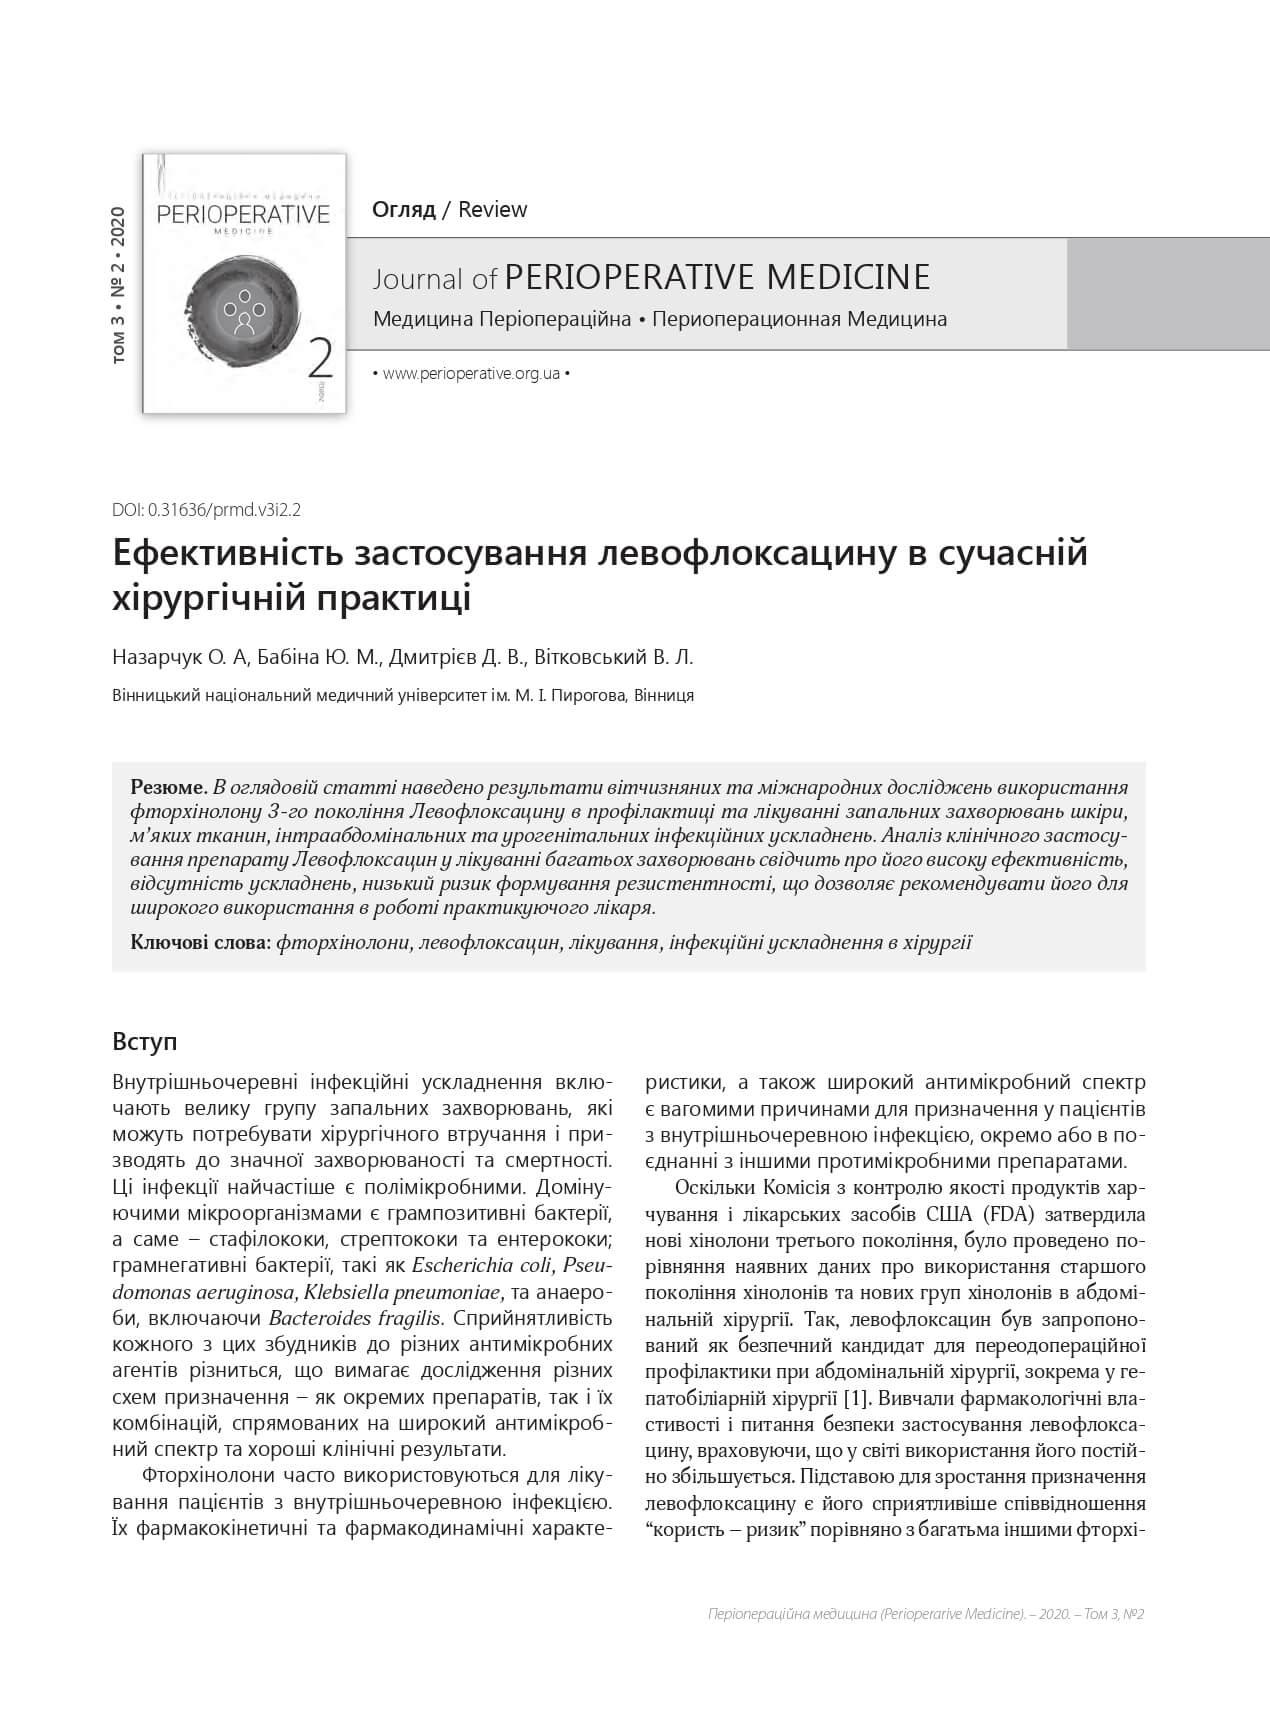 Ефективність застосування левофлоксацину в сучасній хірургічній практиці